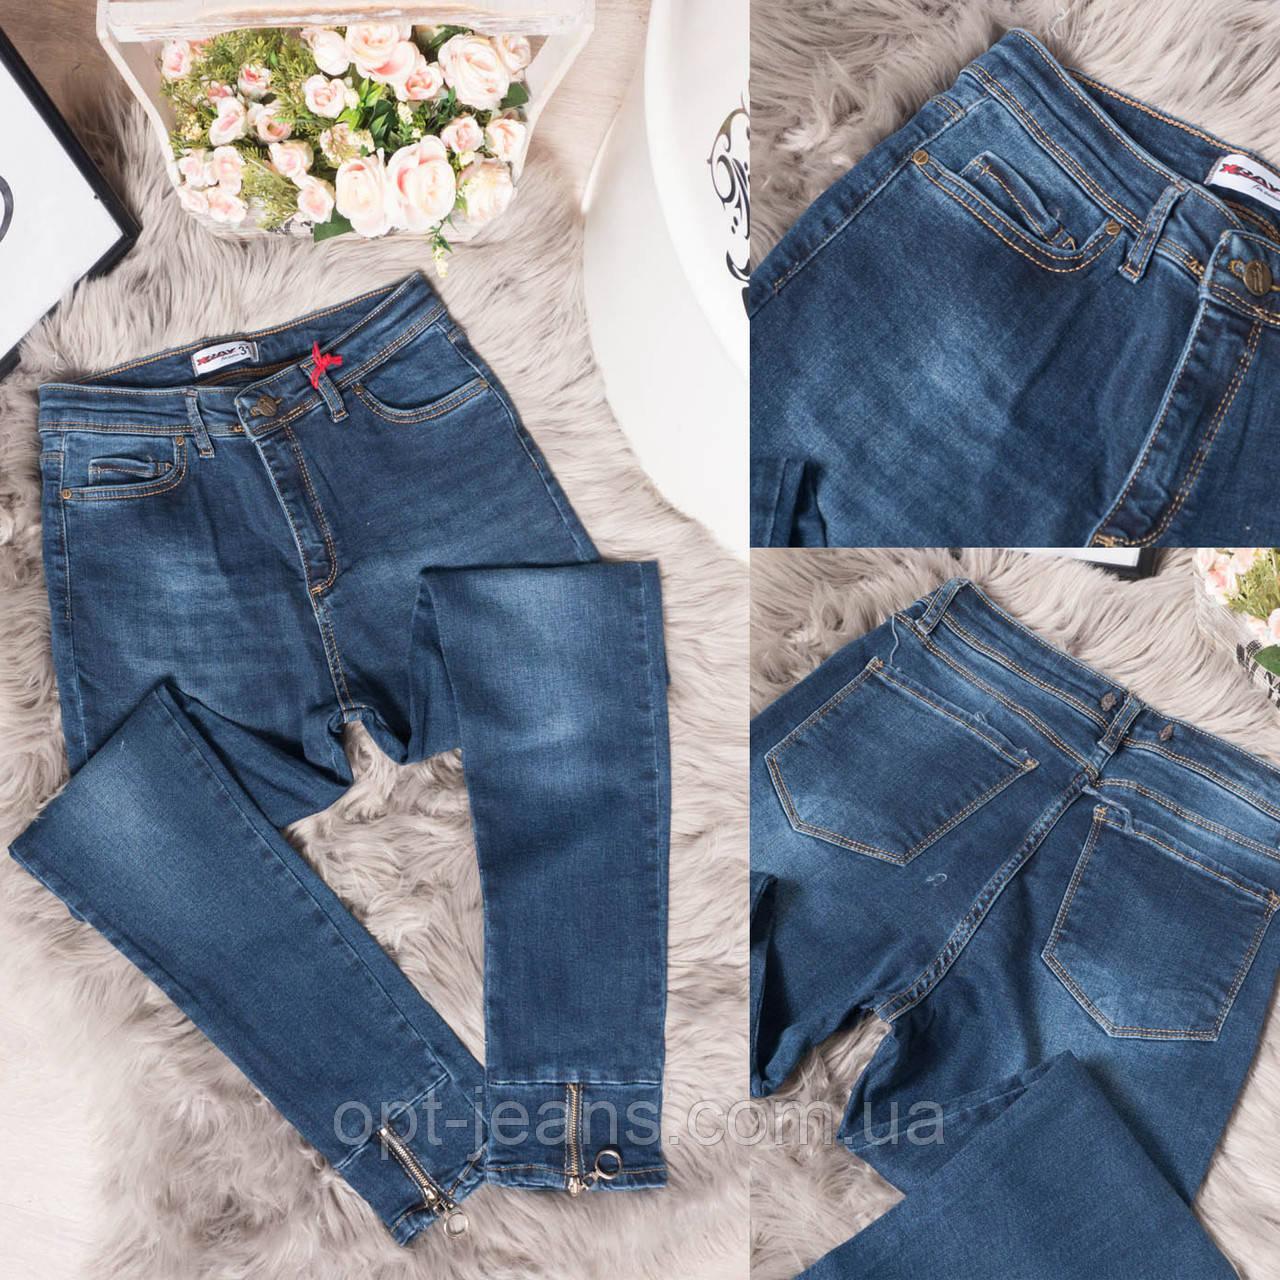 2635 Xray джинсы женские модные синие осенние стрейчевые (26-31, 6 ед.)